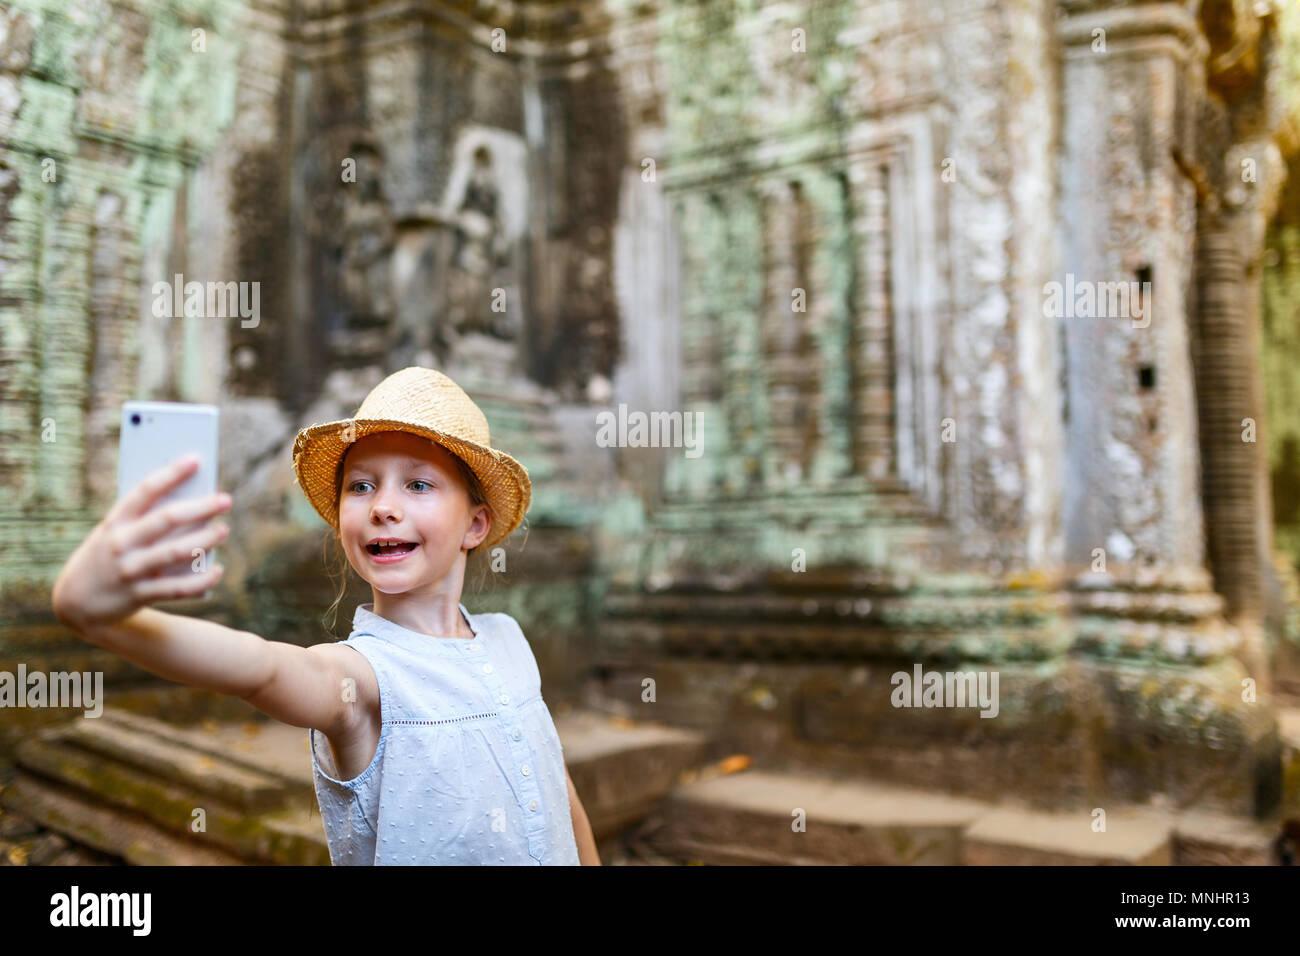 Petite fille dans l'ancien temple d'Angkor Wat à Siem Reap, Cambodge Photo Stock